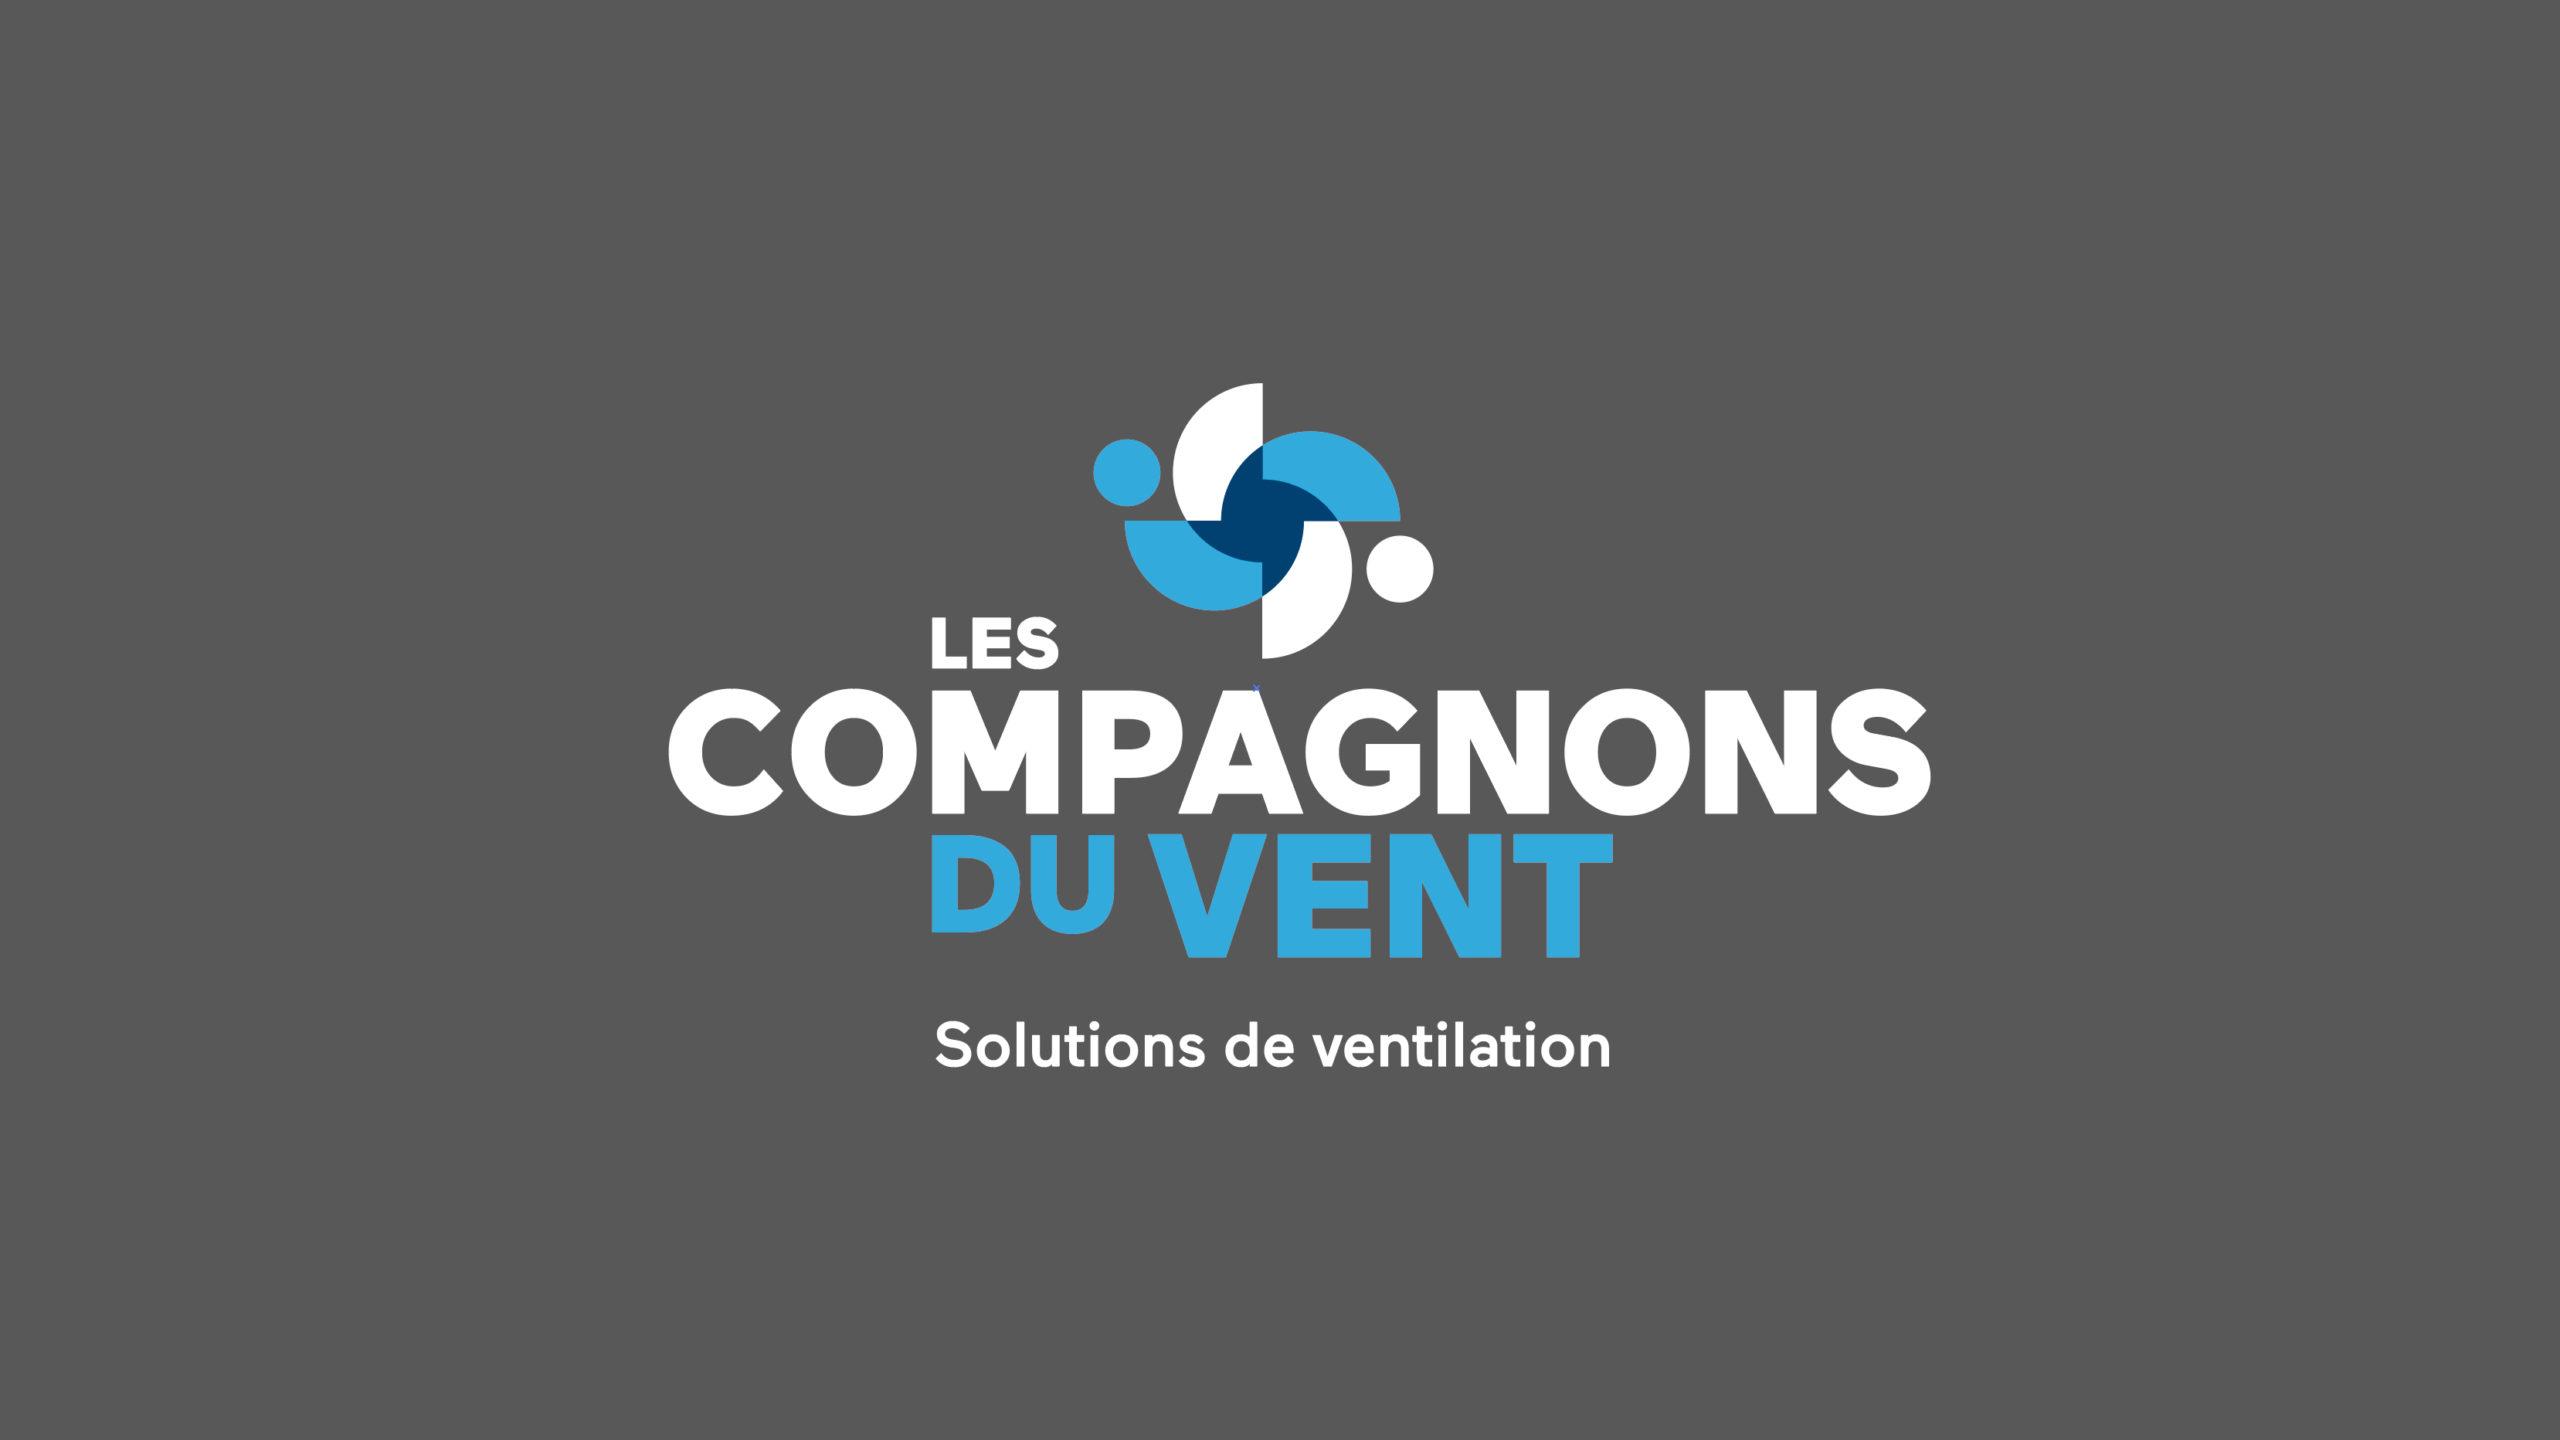 Compagnons Du Vent Identite Visuelle Logo Scaled